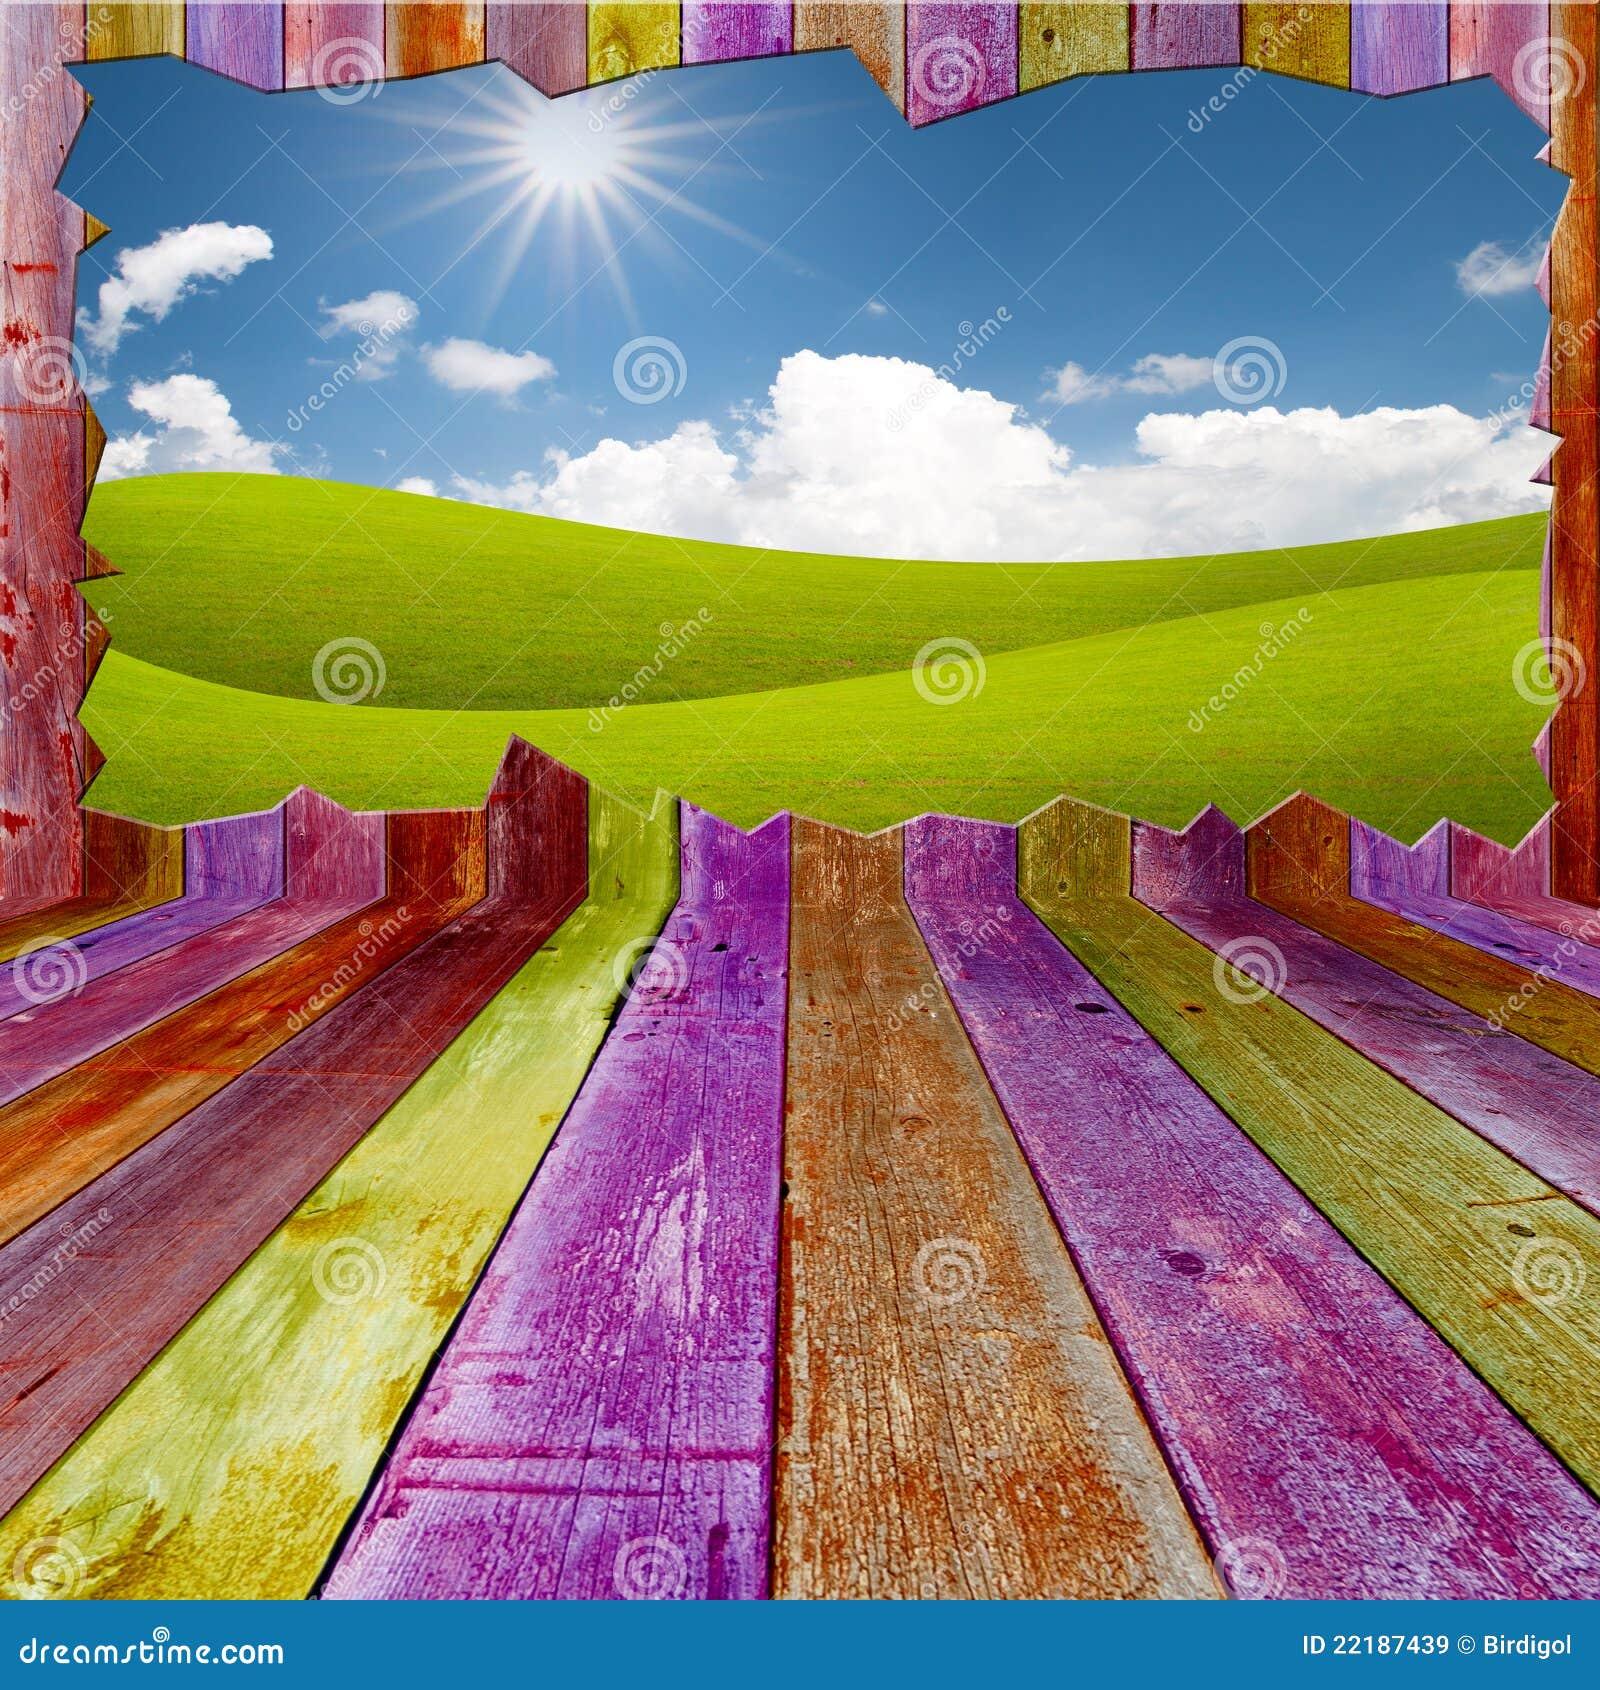 Όμορφο τοπίο έξω από το ζωηρό ξύλινο δωμάτιο